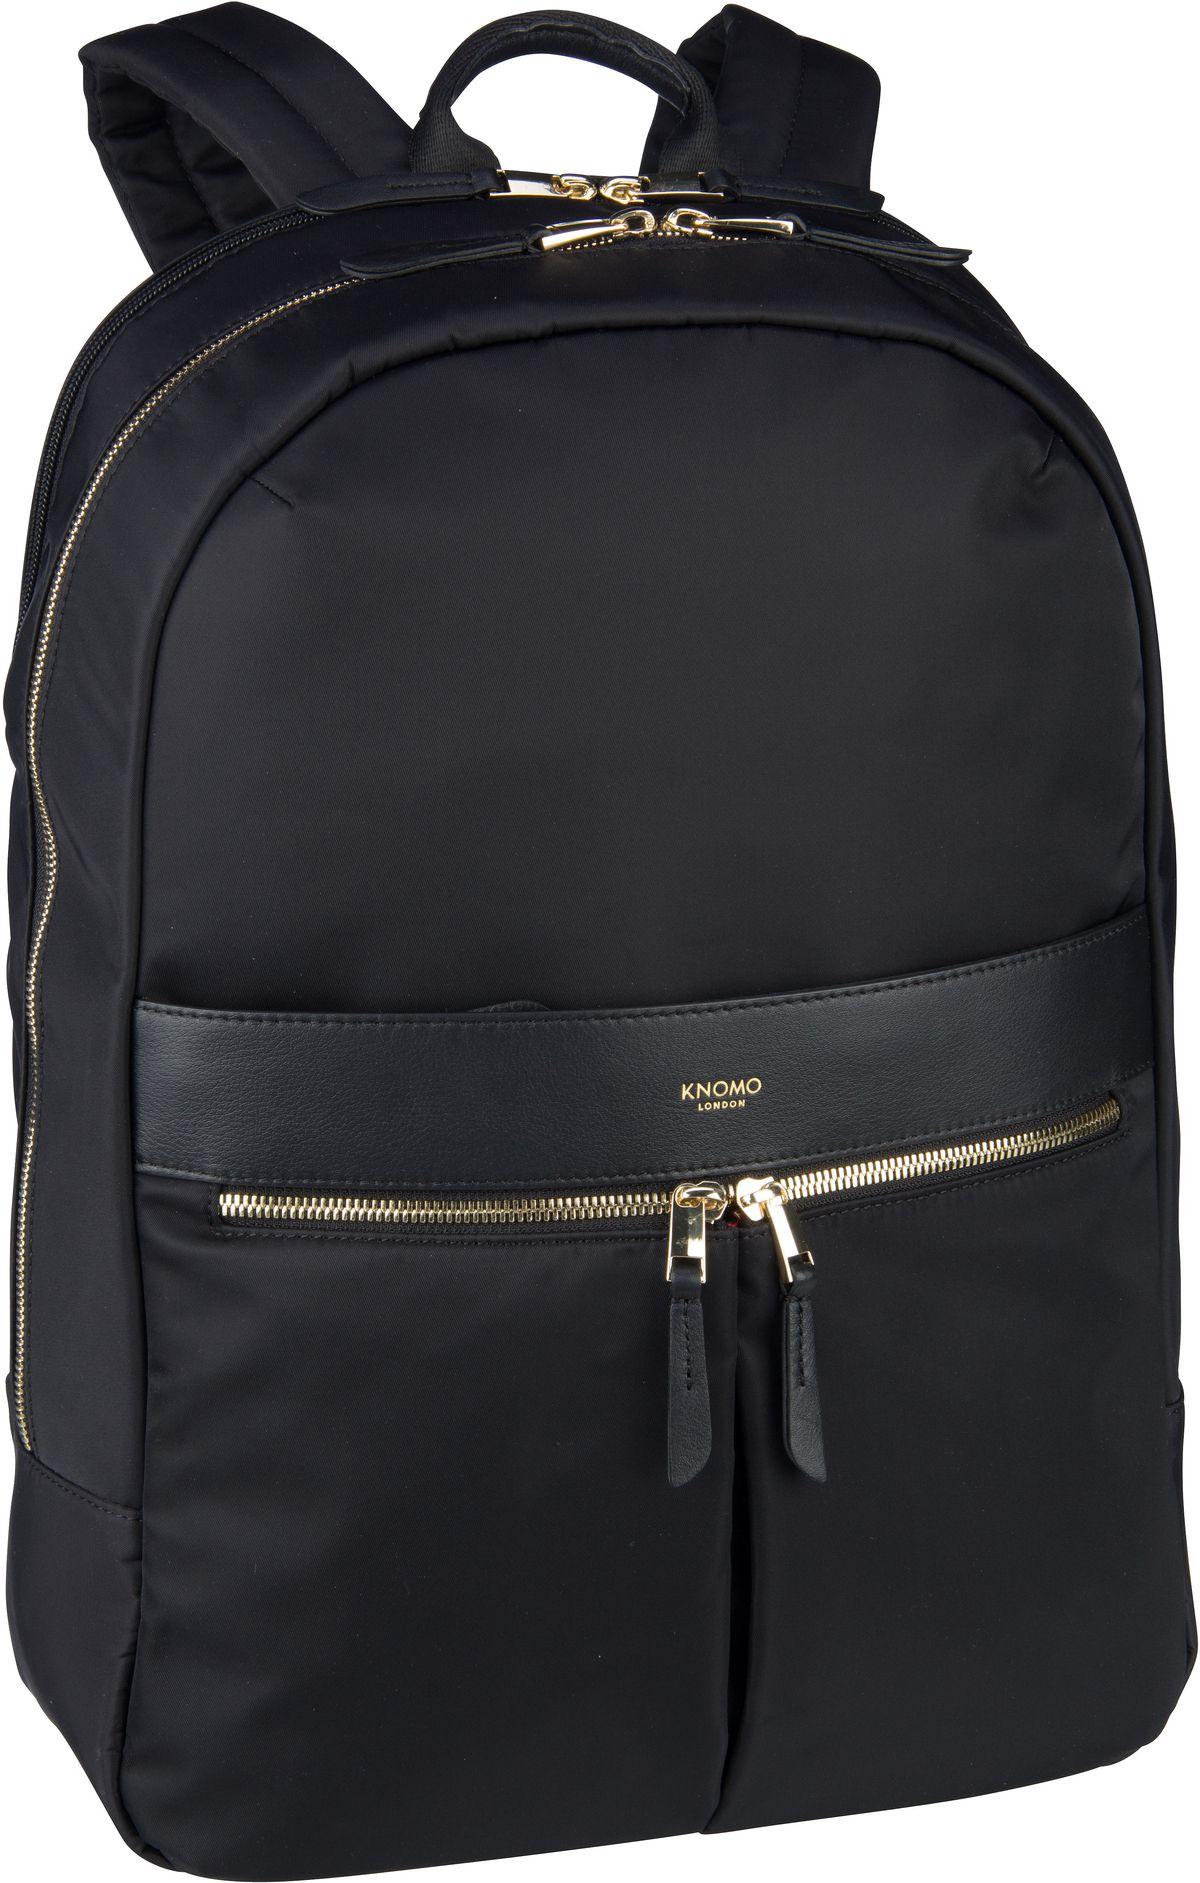 Rucksack / Daypack Mayfair Beaufort 15'' Black/Gold (16 Liter)